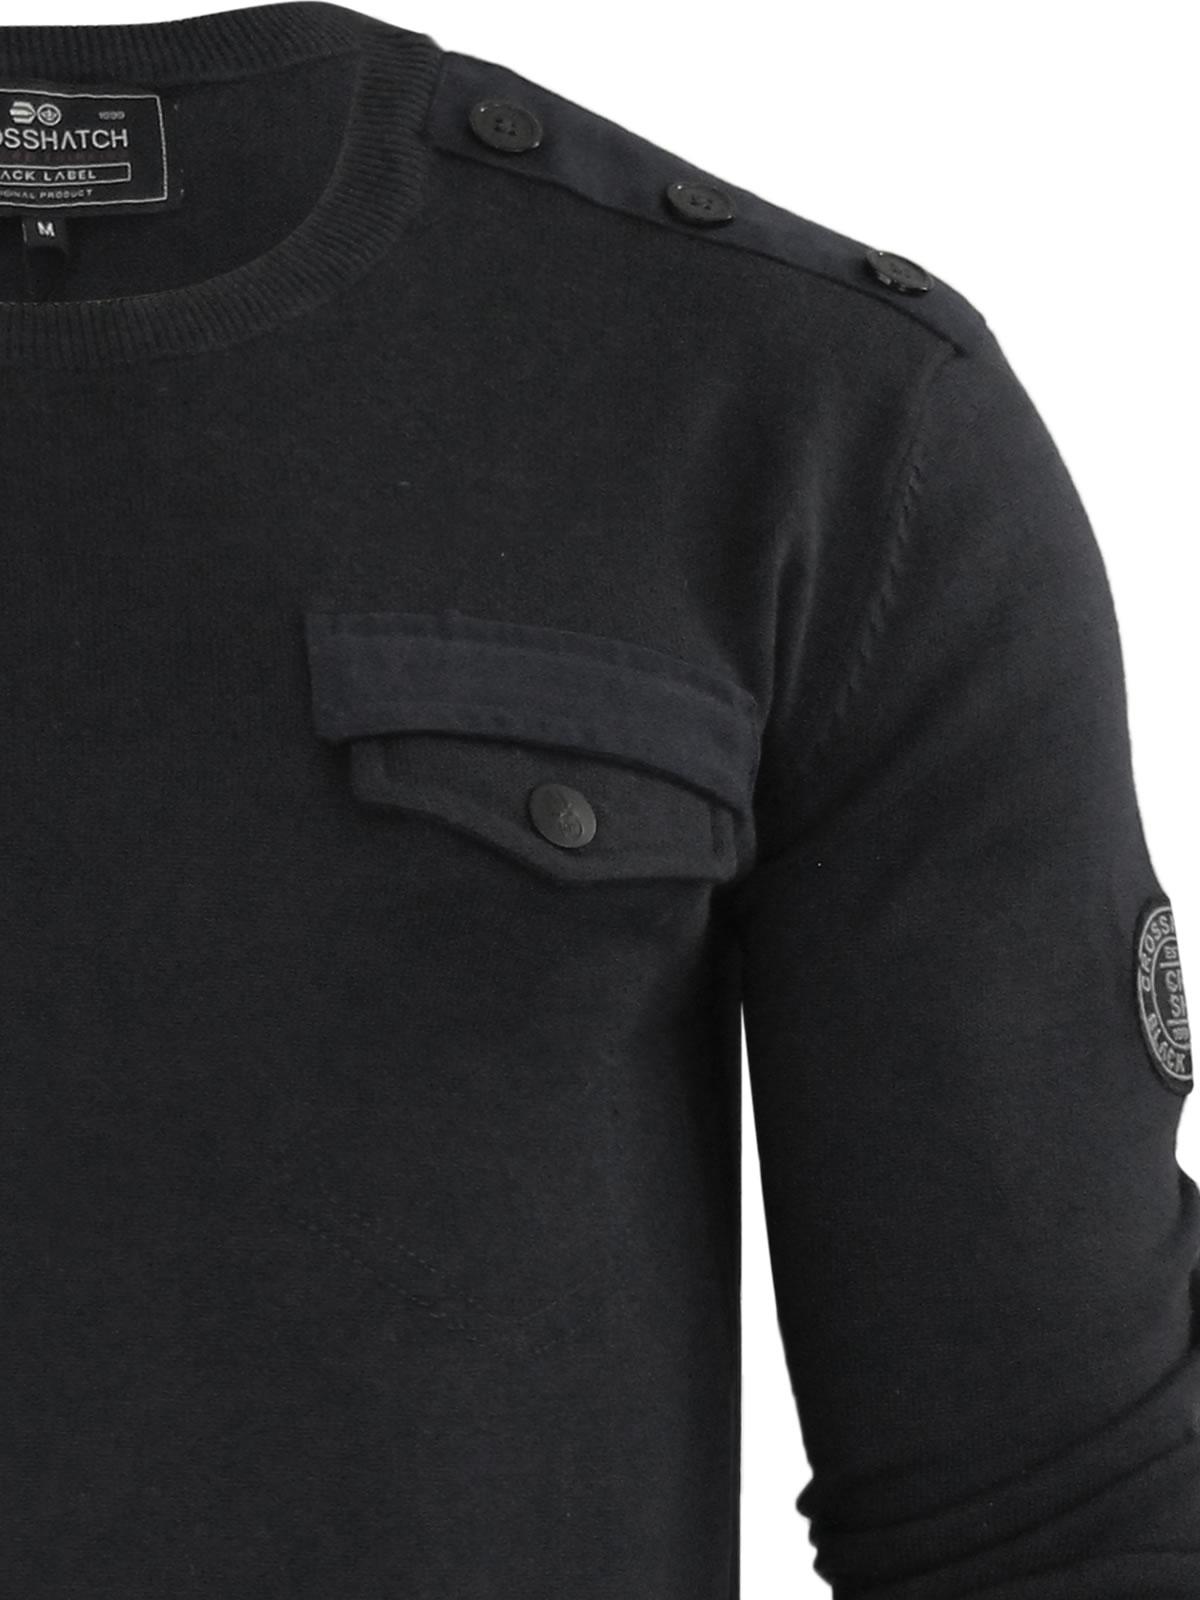 herren-pullover-crosshatch-barrowell-rundhals-strickpullover Indexbild 4